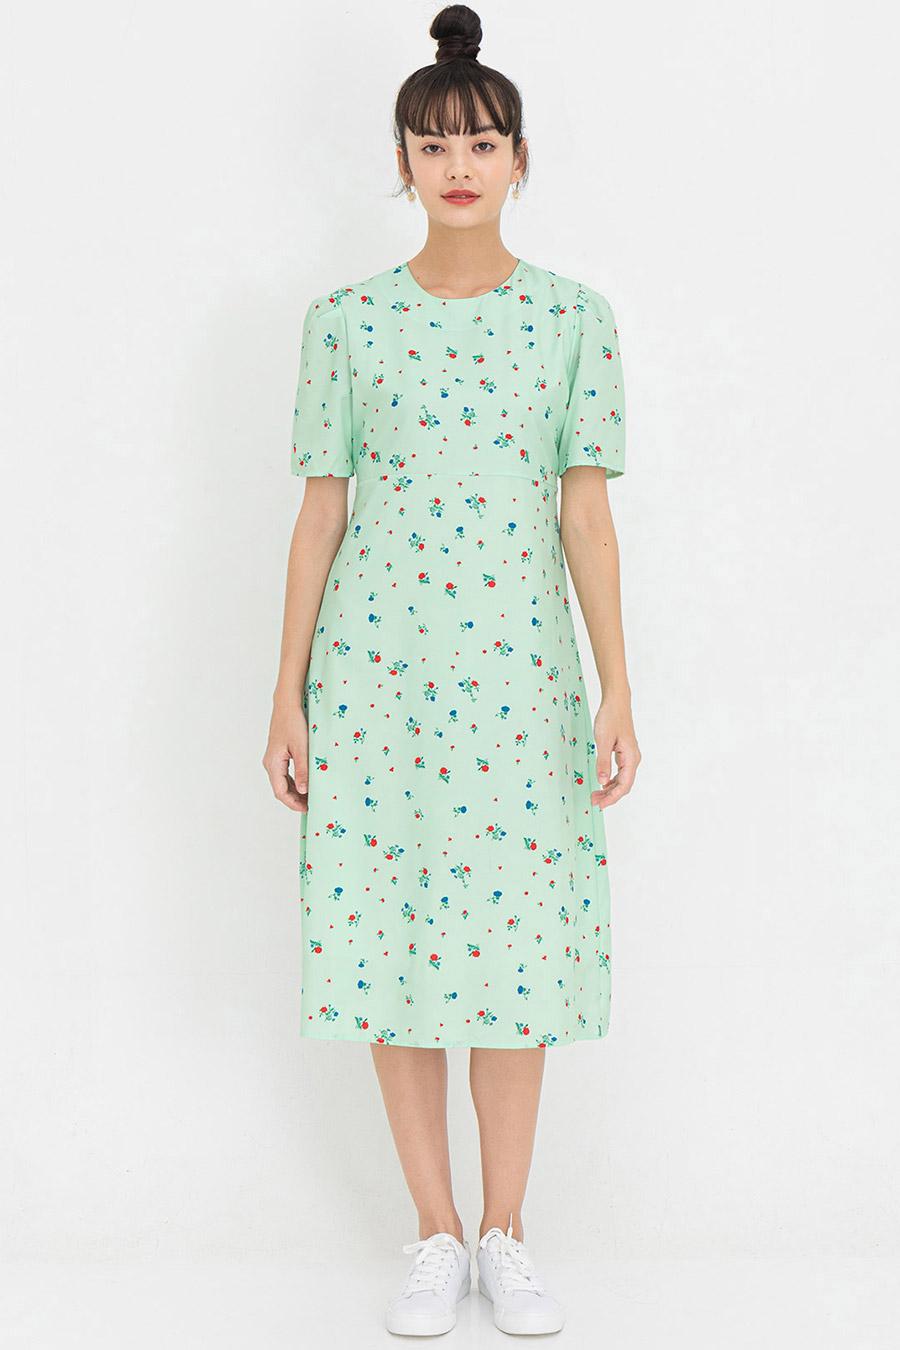 NORRA DRESS - SAGE FLEUR